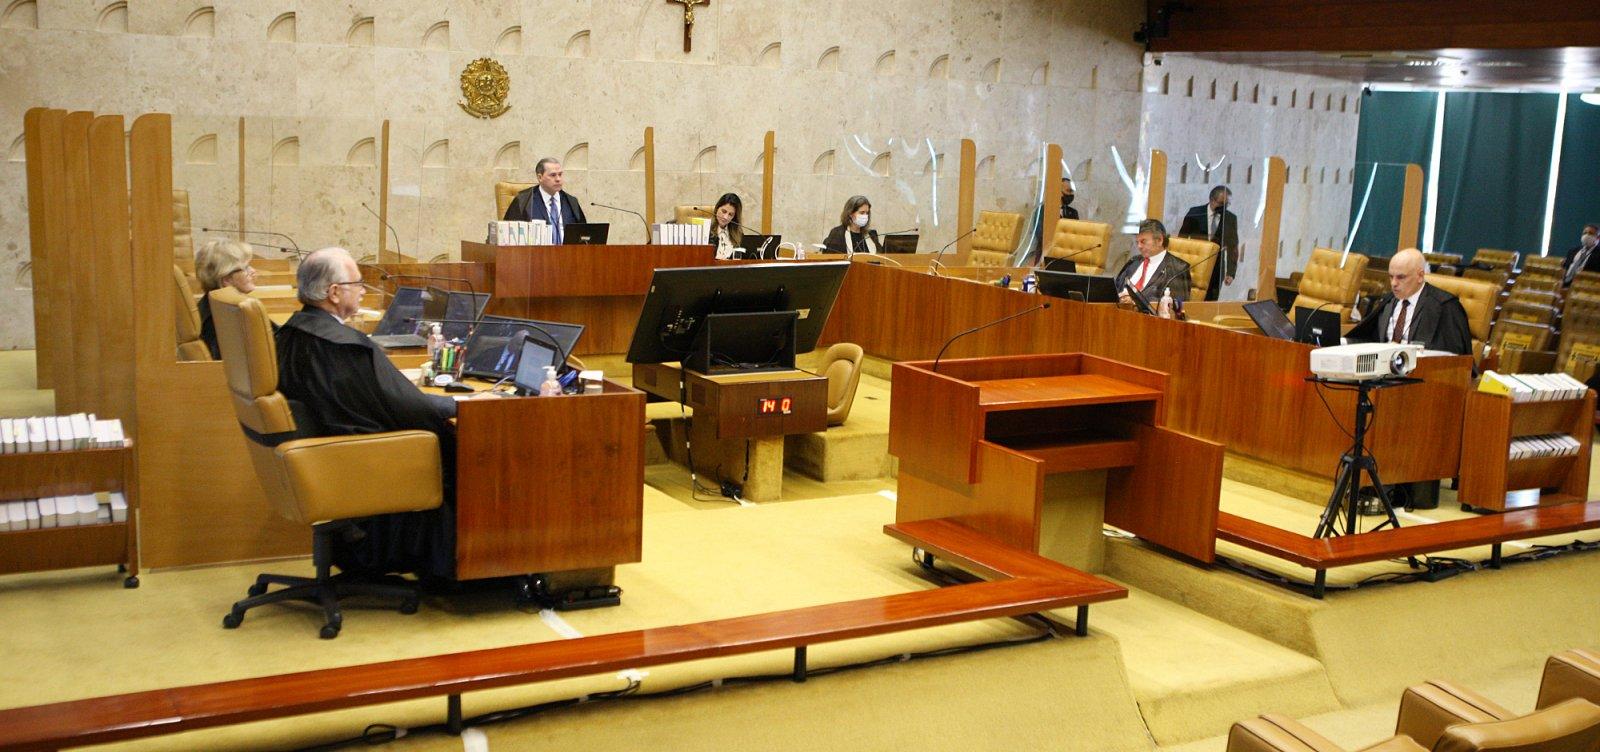 STF forma maioria para desobrigar o governo a realizar Censo este ano